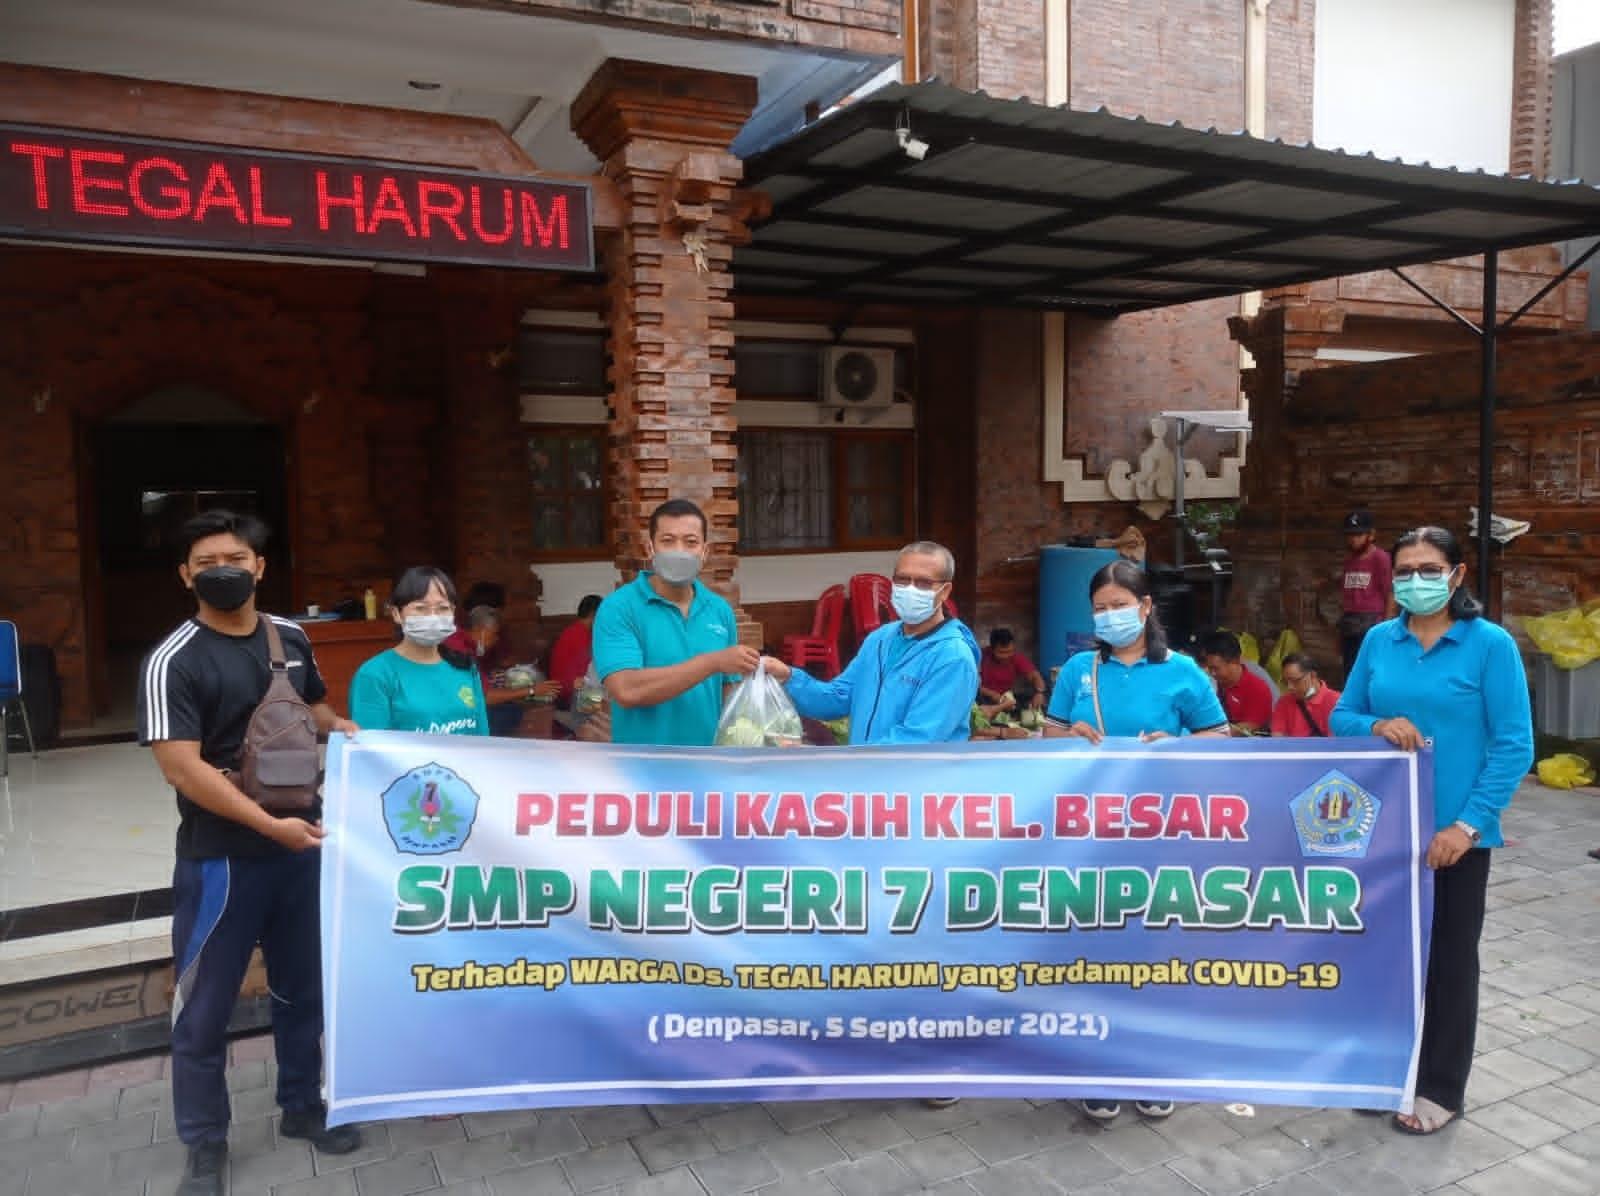 WAKASEK Kurikulum SMPN 7 Denpasar, Made Asmara, bersama staf, menyerahkan bantuan paket sayur mayur yang diterima Perbekel Desa Tegal Harum, I Komang Adi Widiantara. Foto: tra